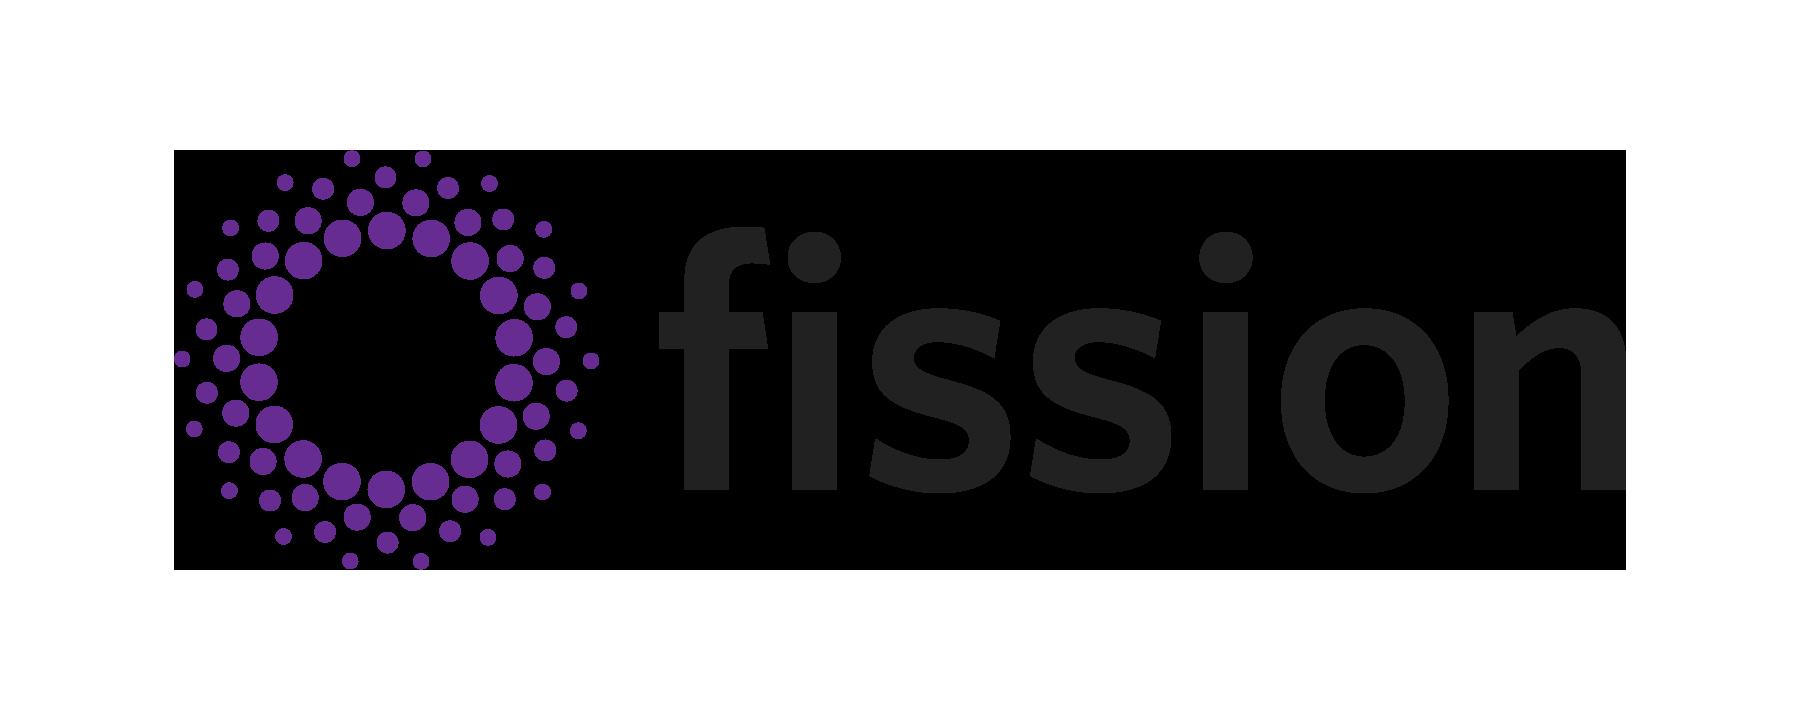 Fission usa Kubernetes para Serverless